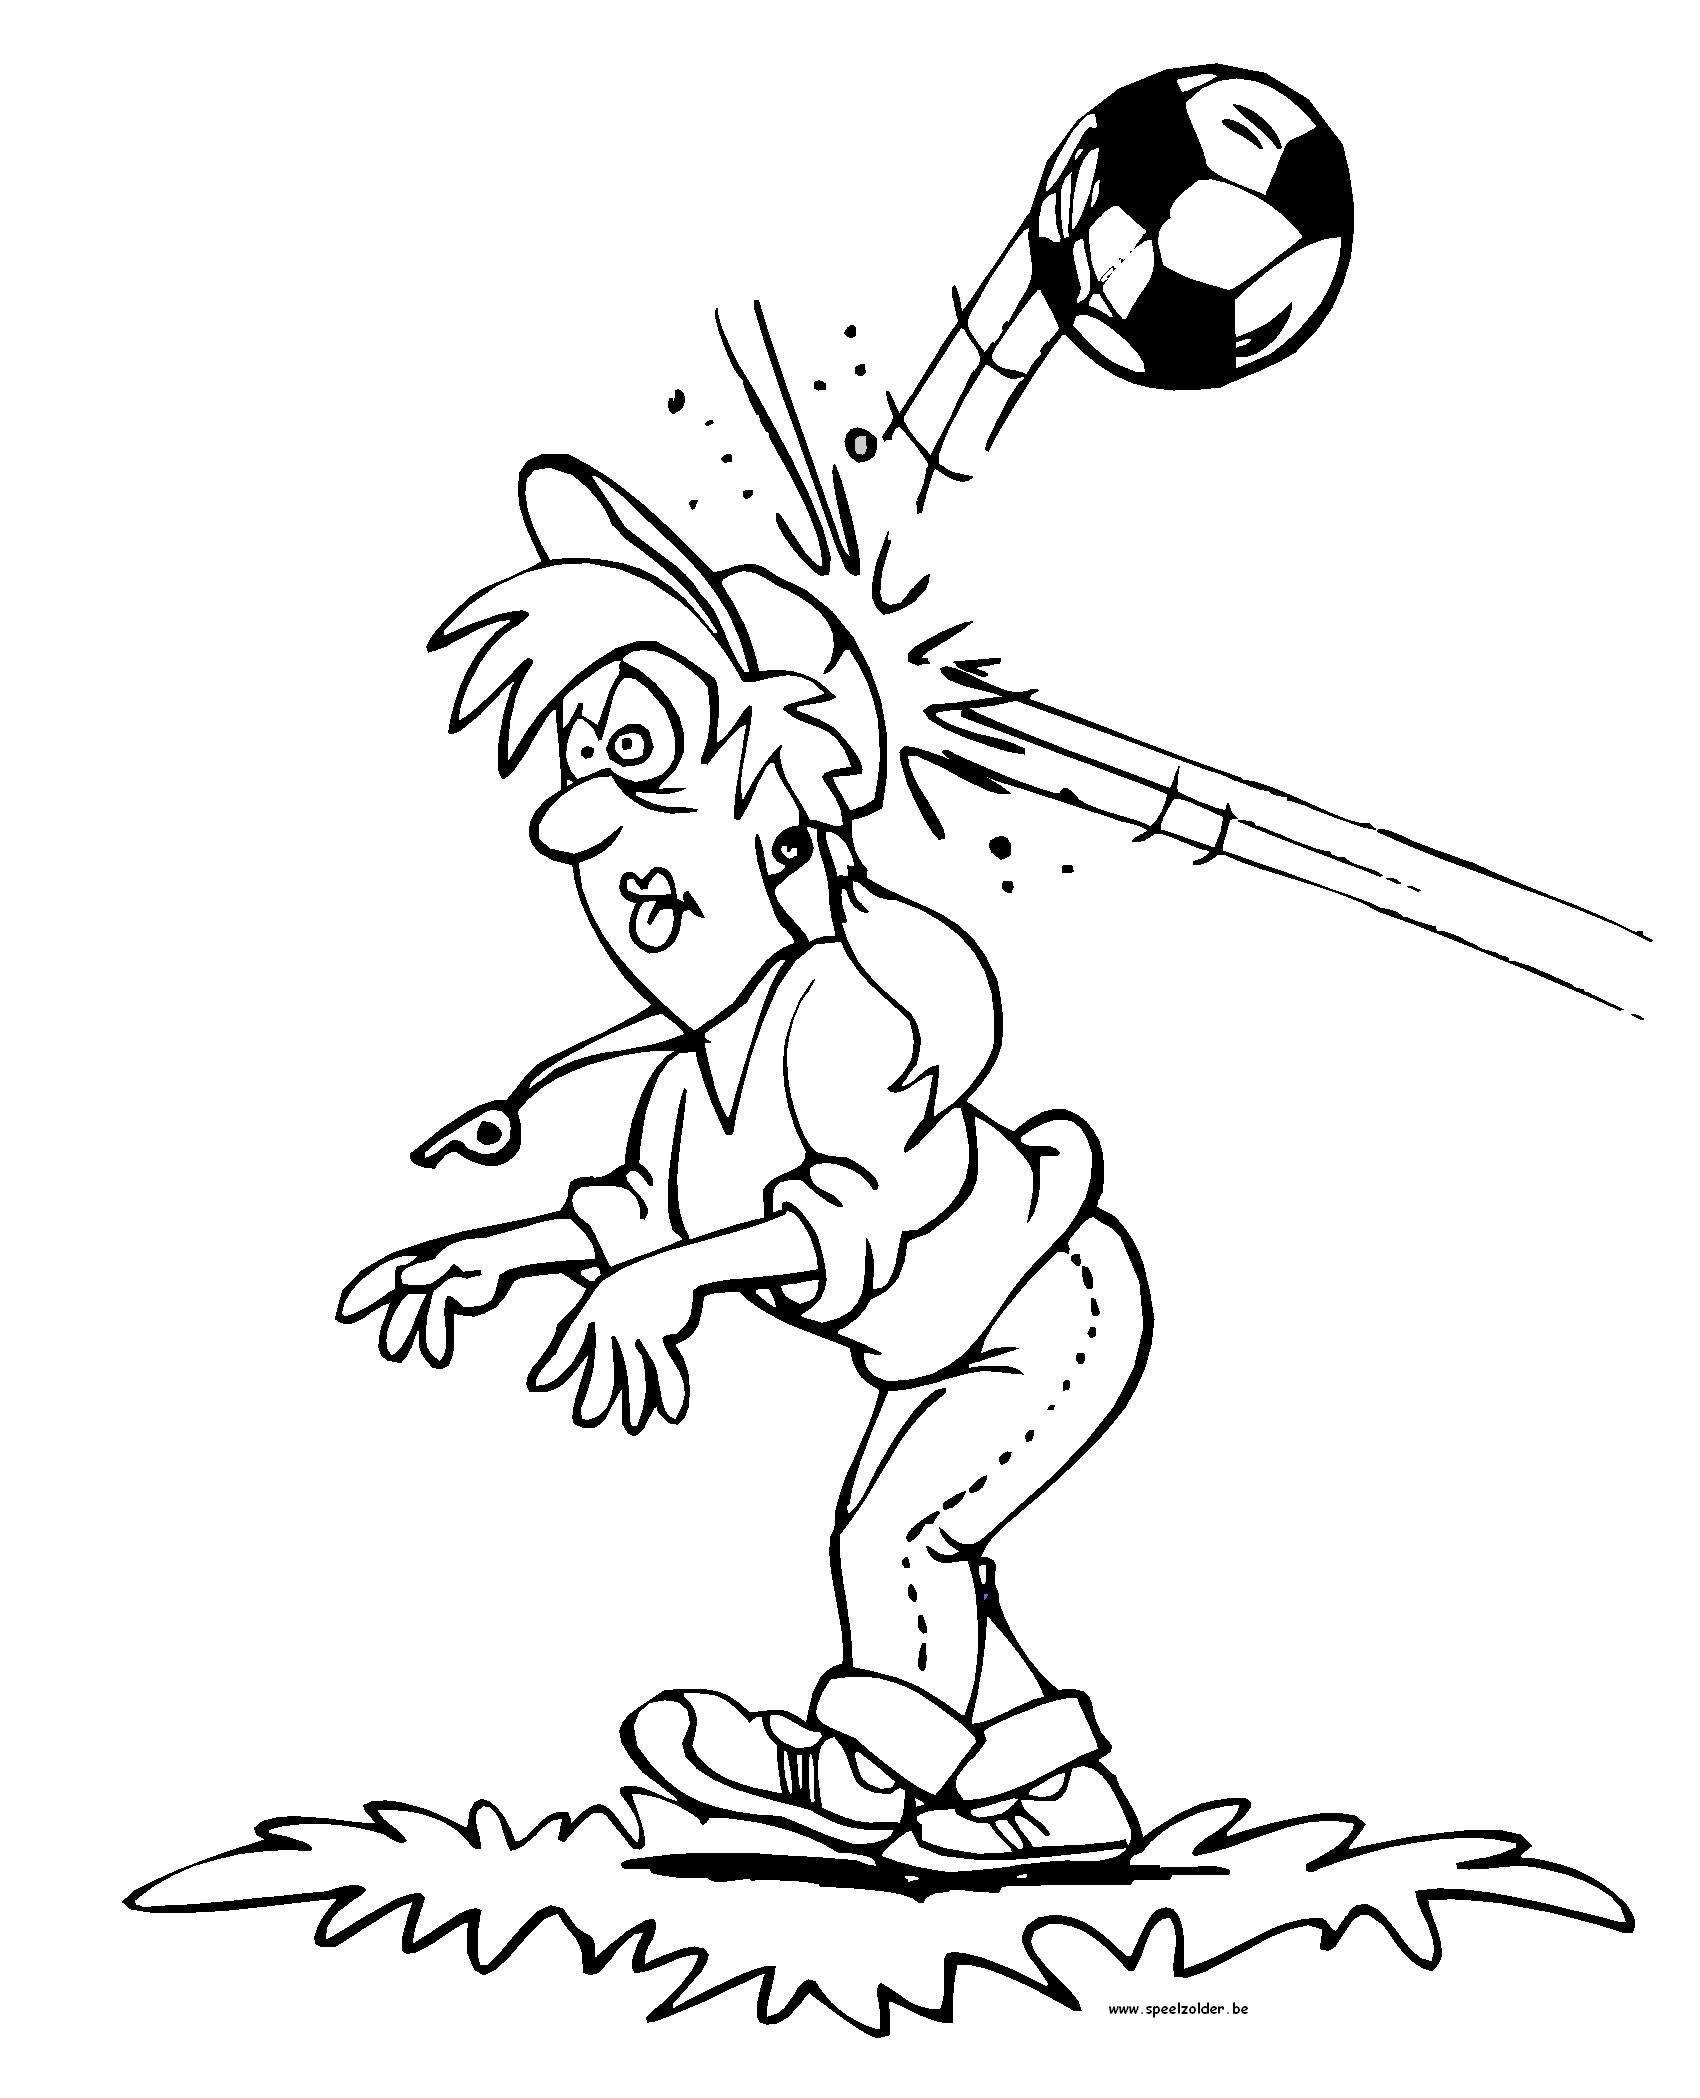 Speelzolder Kleurplaten Lente.Kids N Fun Kleurplaat Voetbal Auu Bal Tegen Hoofd